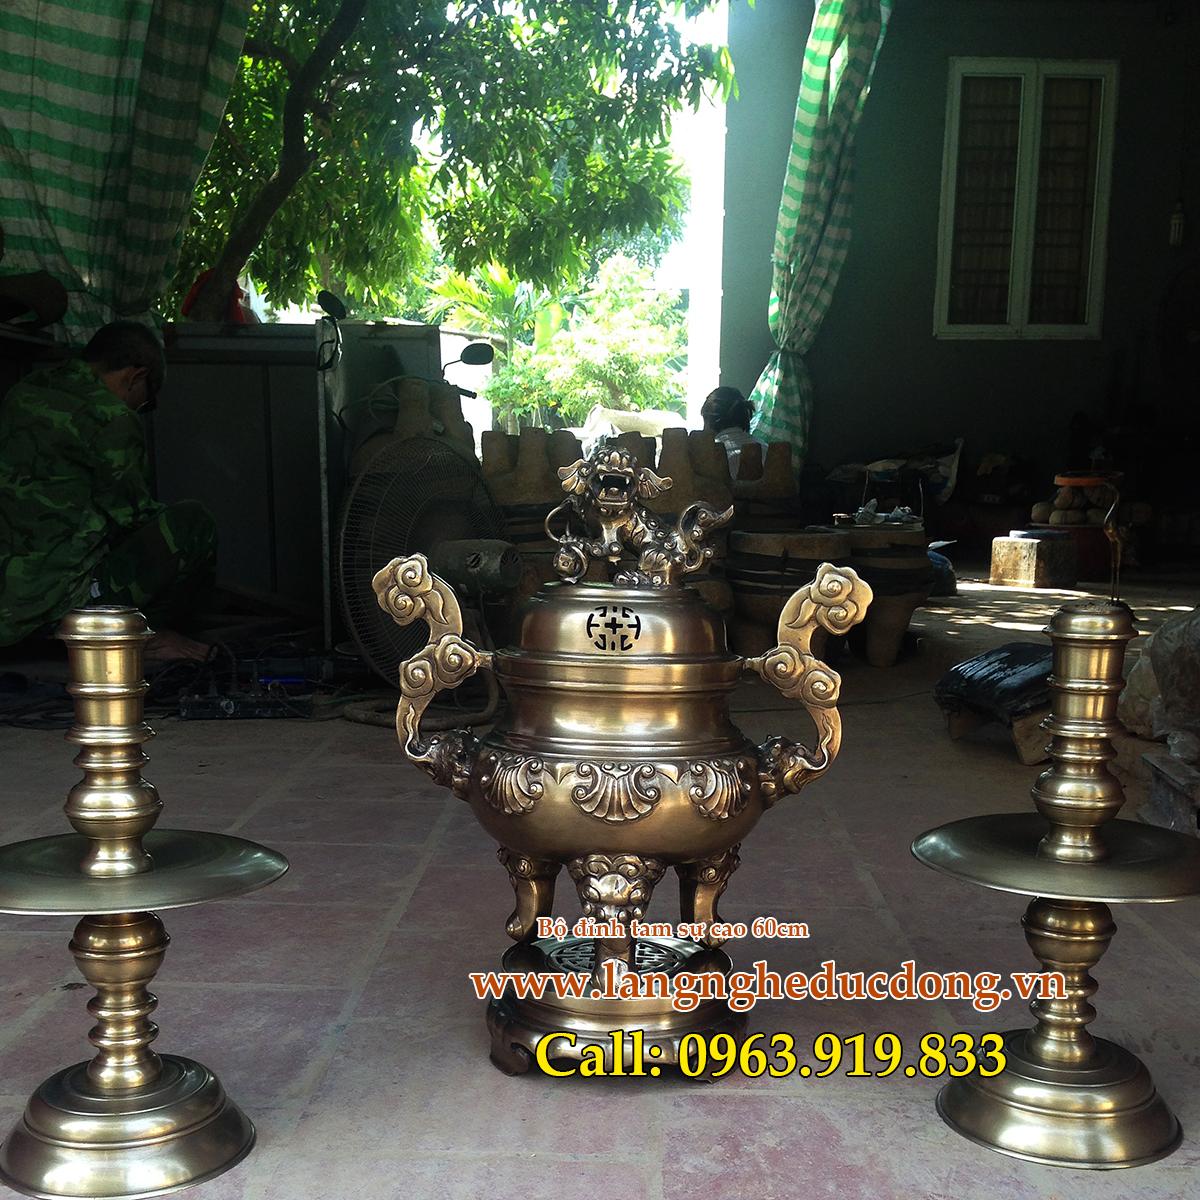 langngheducdong.vn - bộ đồ thờ tam sự cao 60cm, đỉnh đồng giả cổ